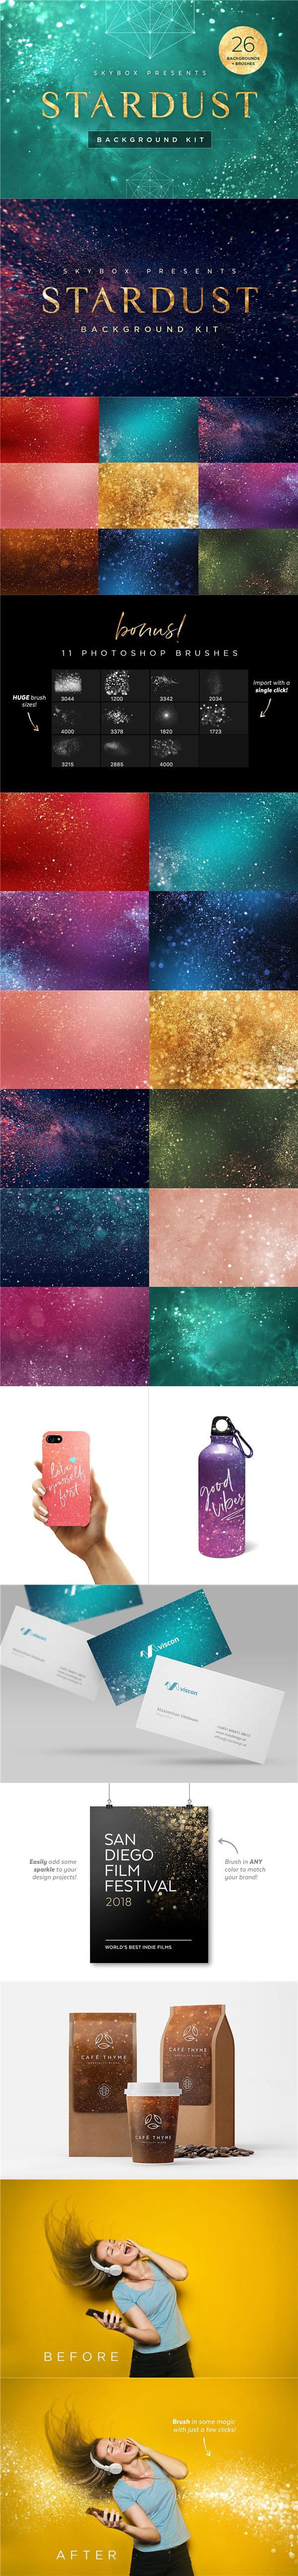 华丽星尘宇宙背景